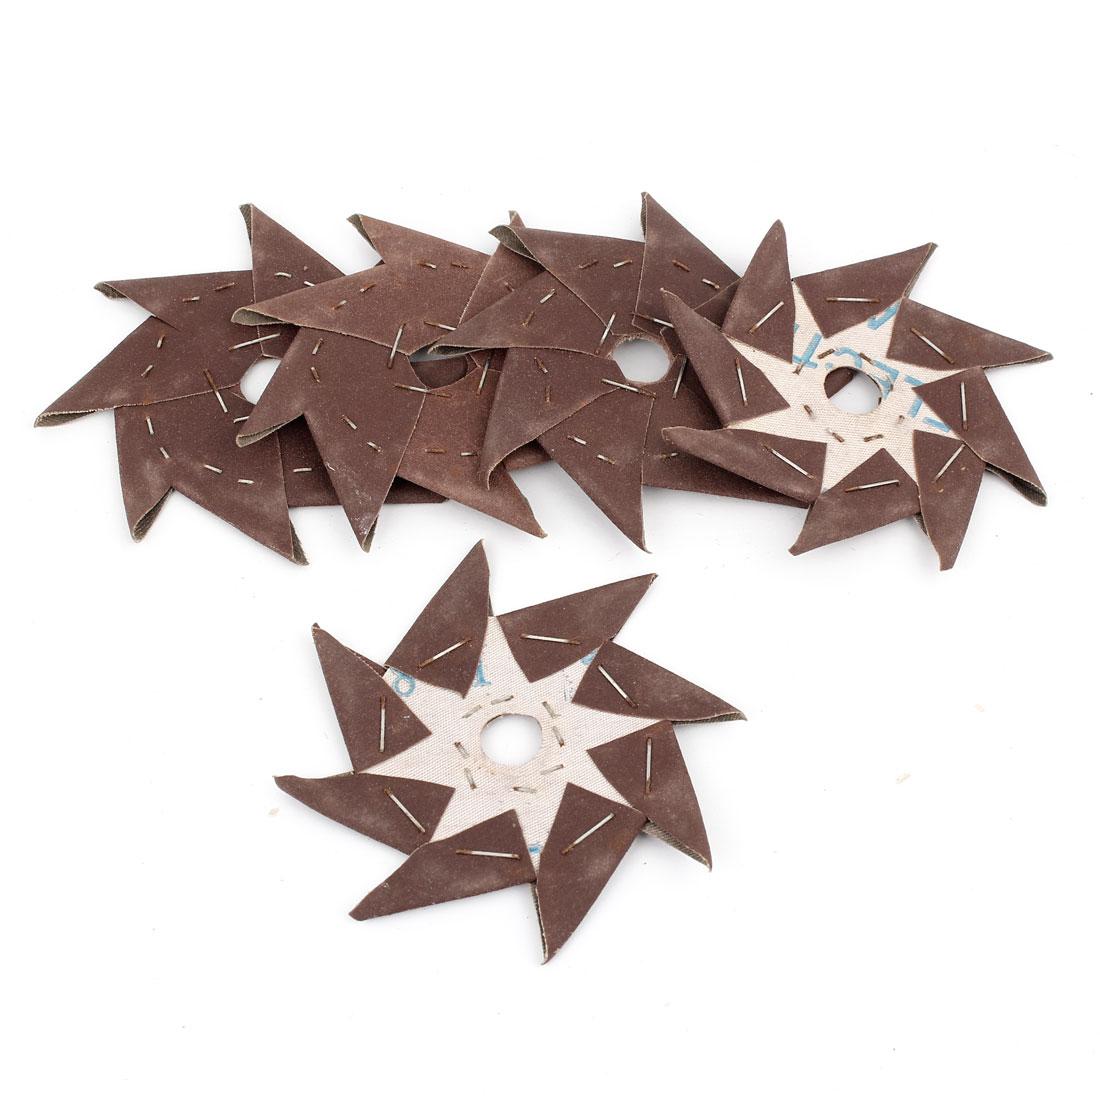 5 Pcs Pinwheel Shaped 240 Grit Abrasive Sandpaper Sheet Tool Dark Brown